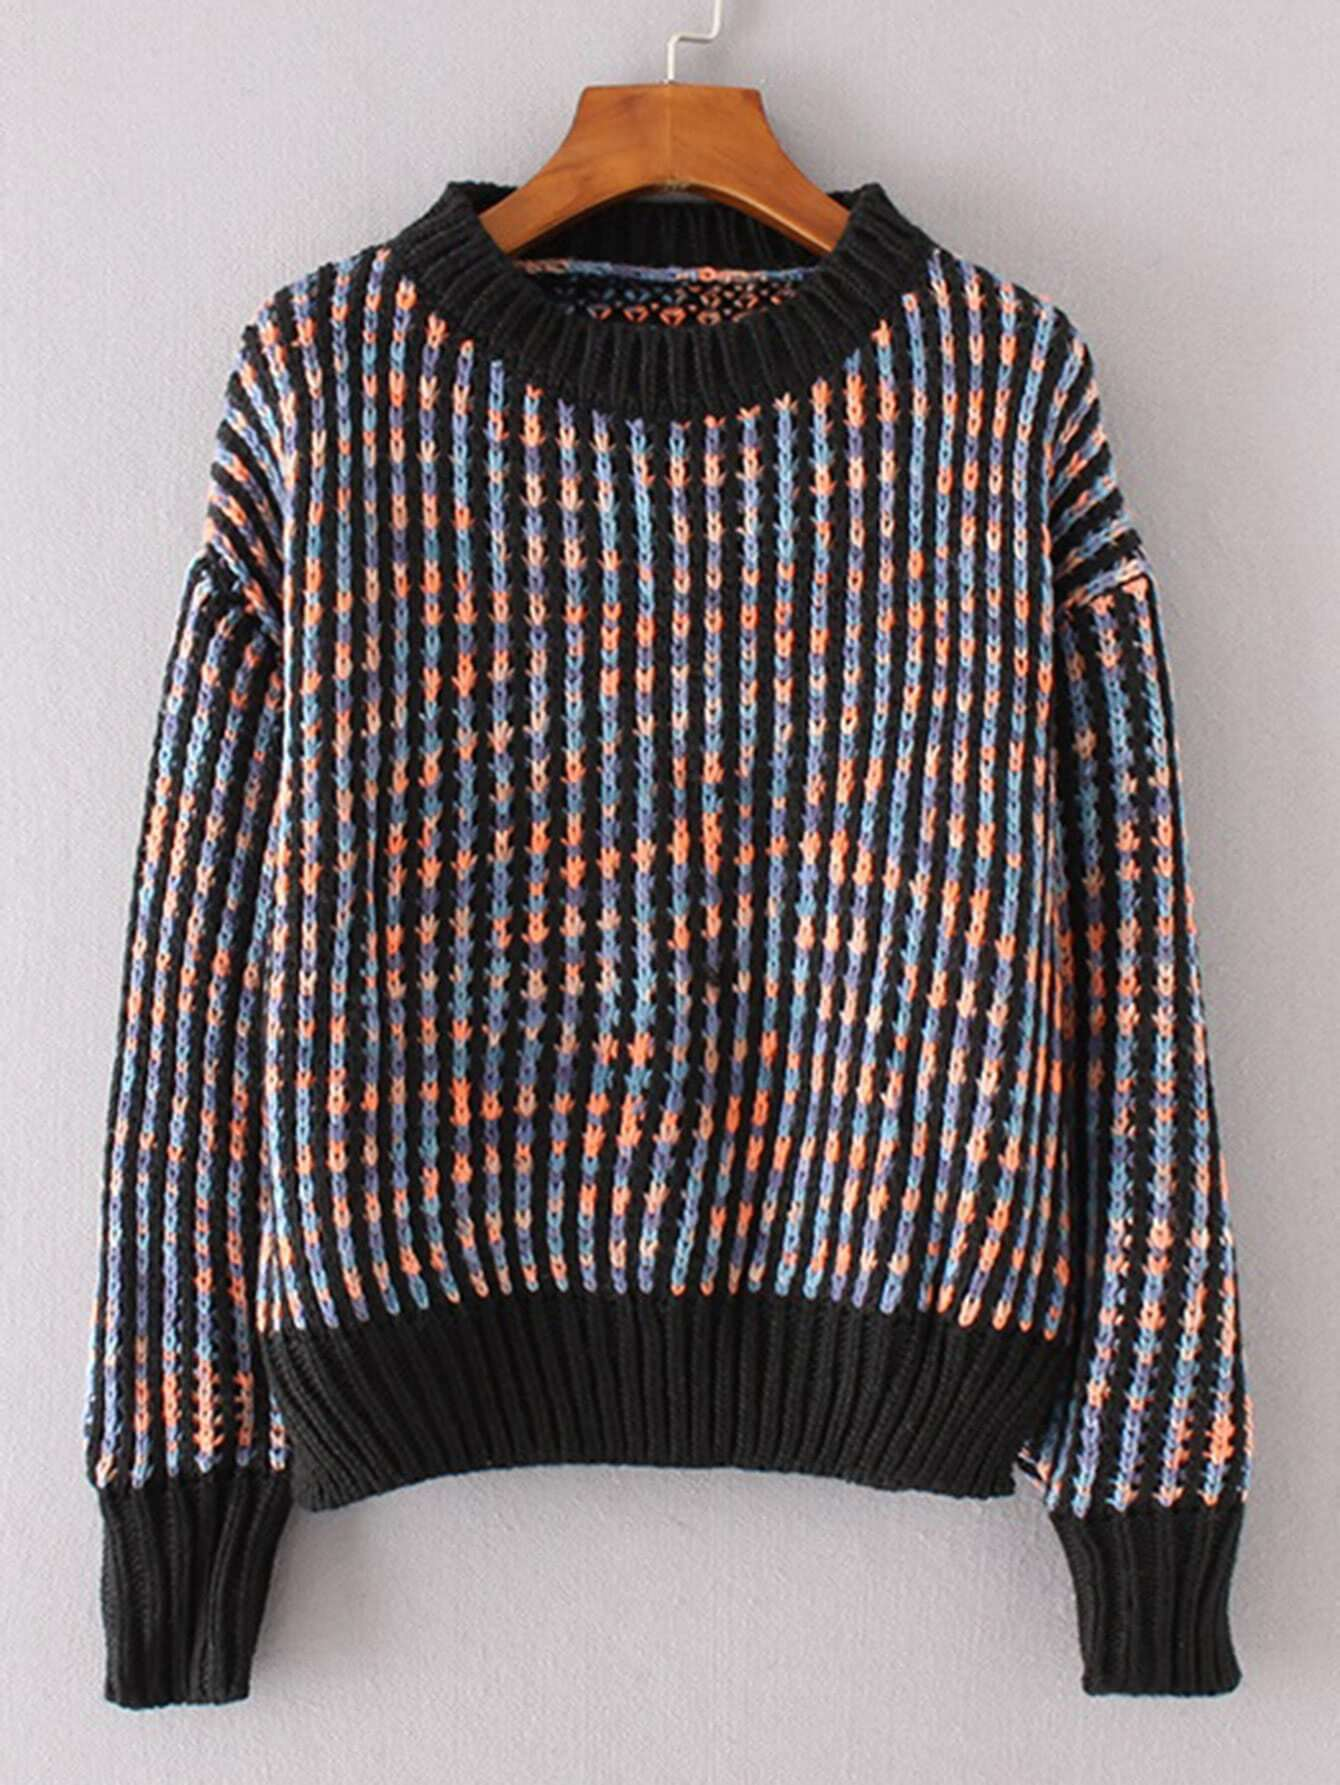 Contrast Trim Jumper Sweater sweater170914206